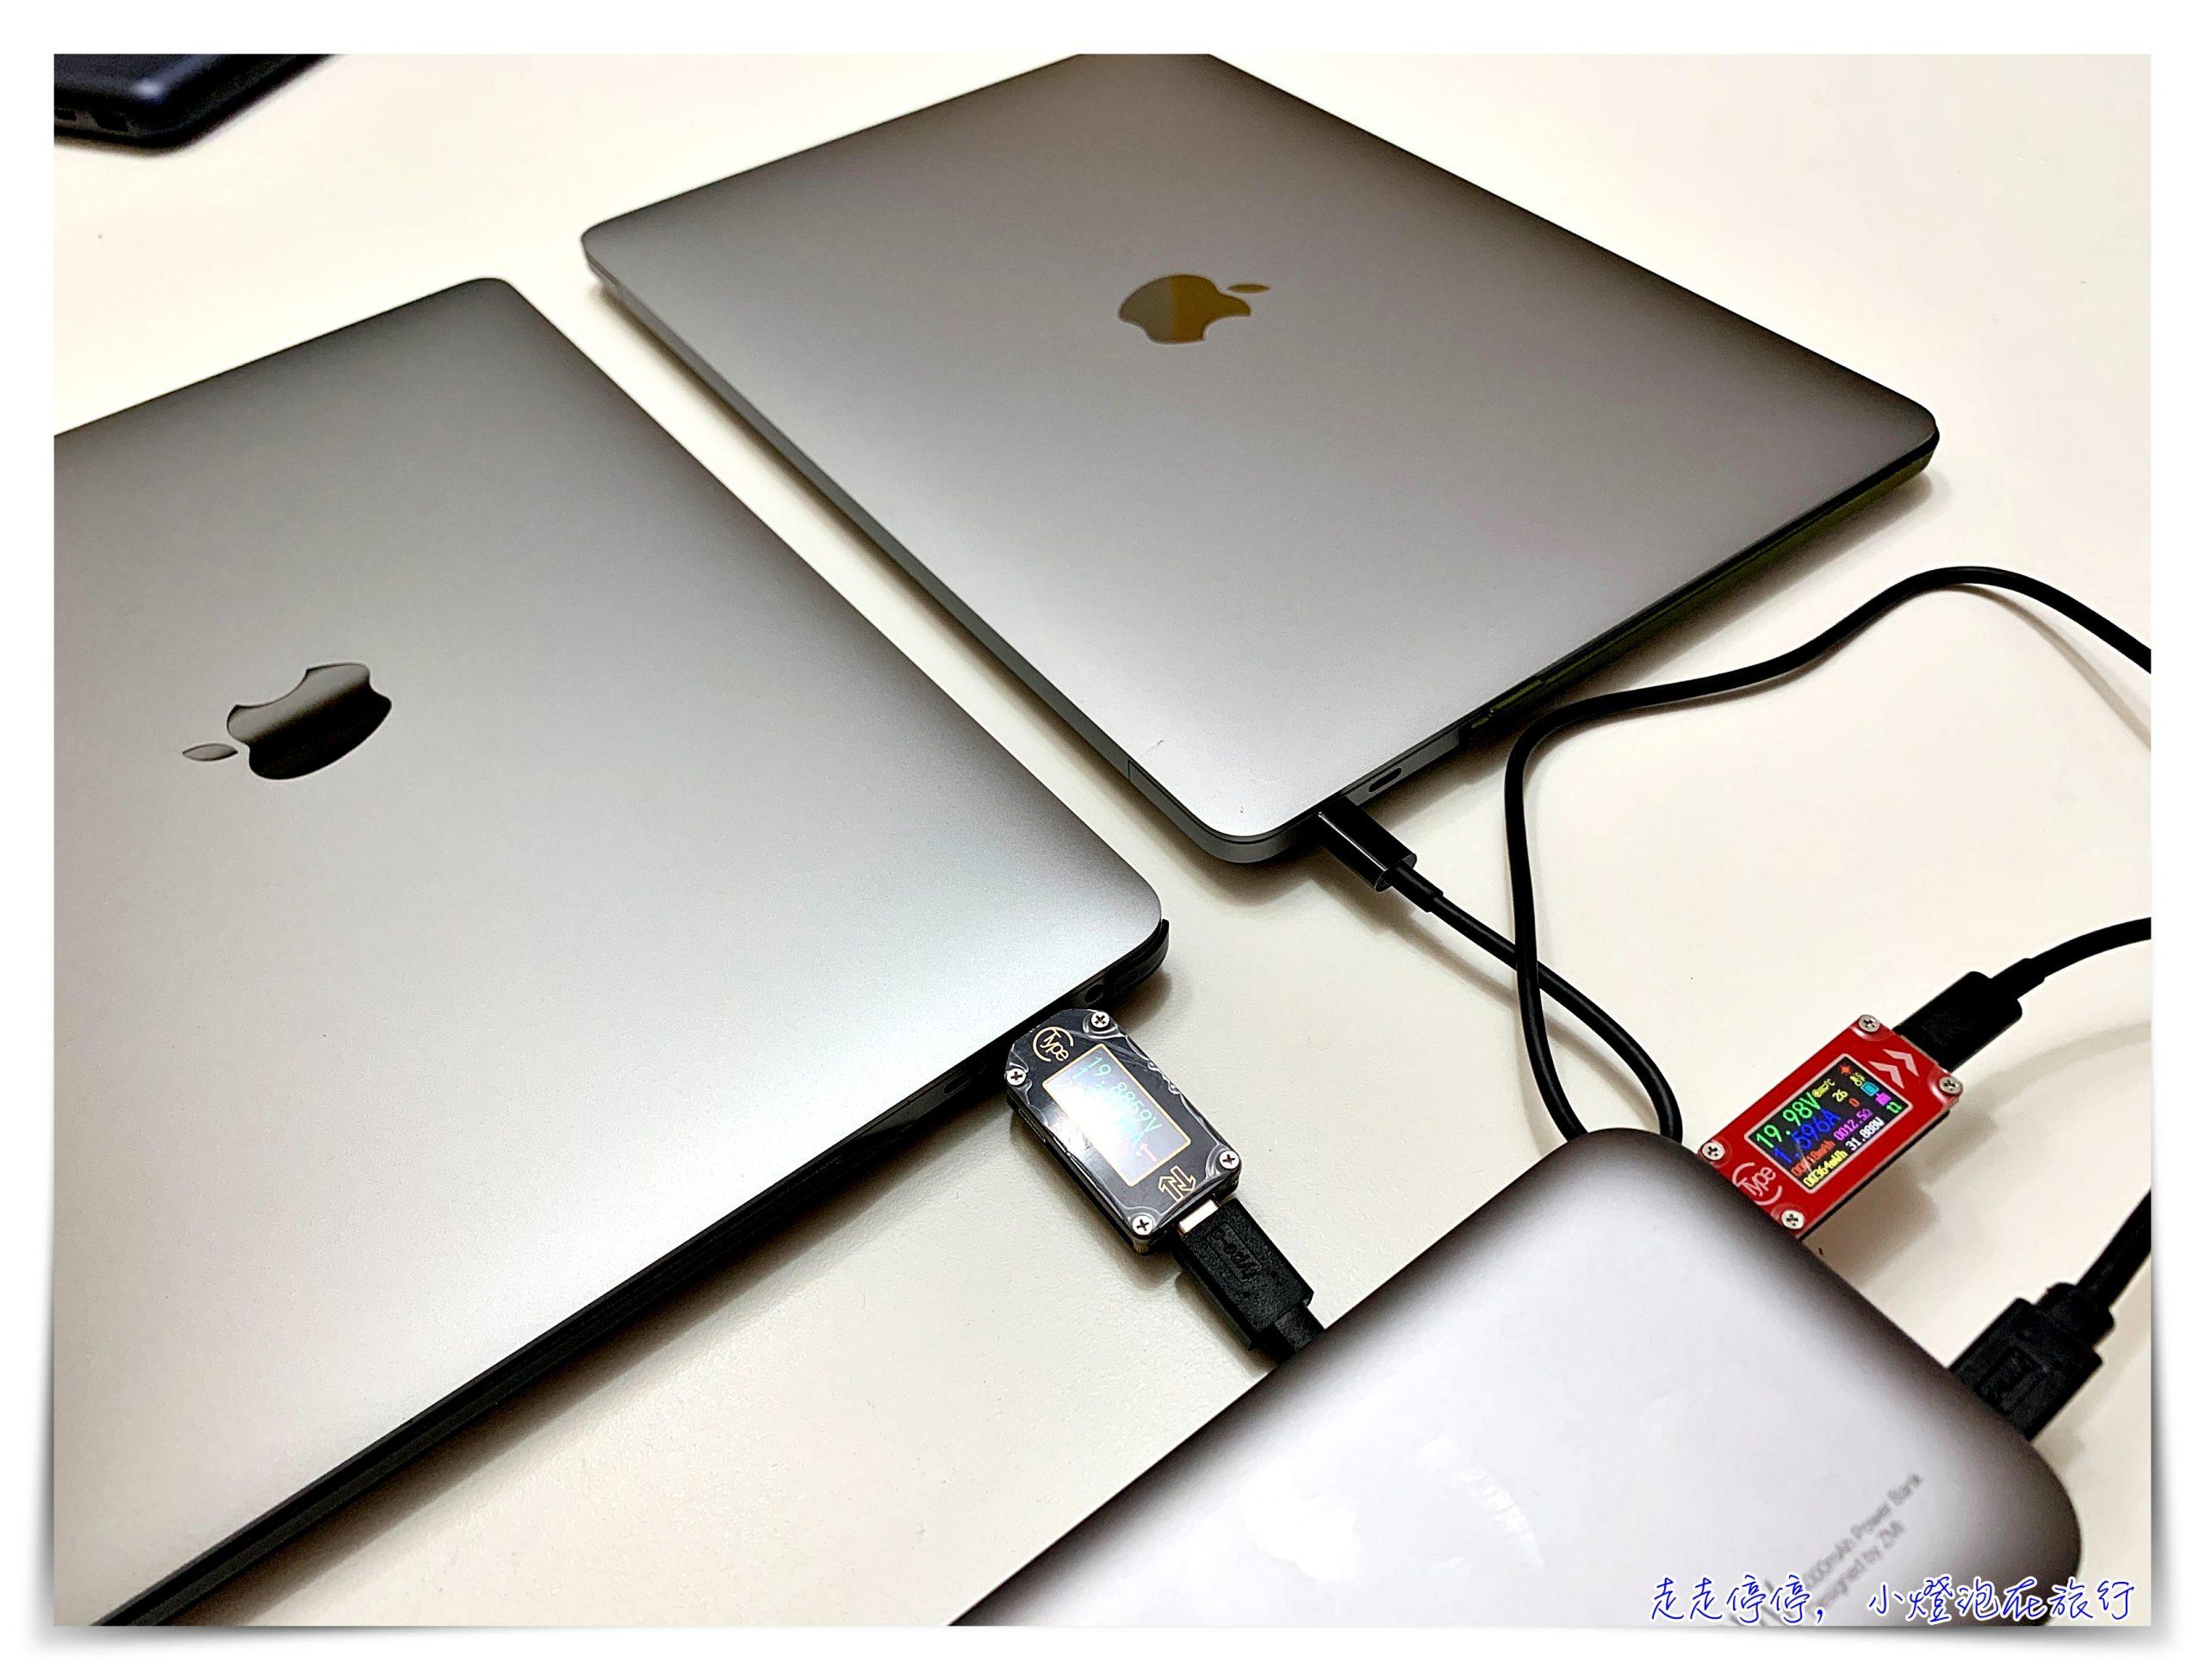 即時熱門文章:紫米 ZMI 20 號行動電源   25000mAh 大容量、總輸出功率達200W、可充兩台Macbook pro